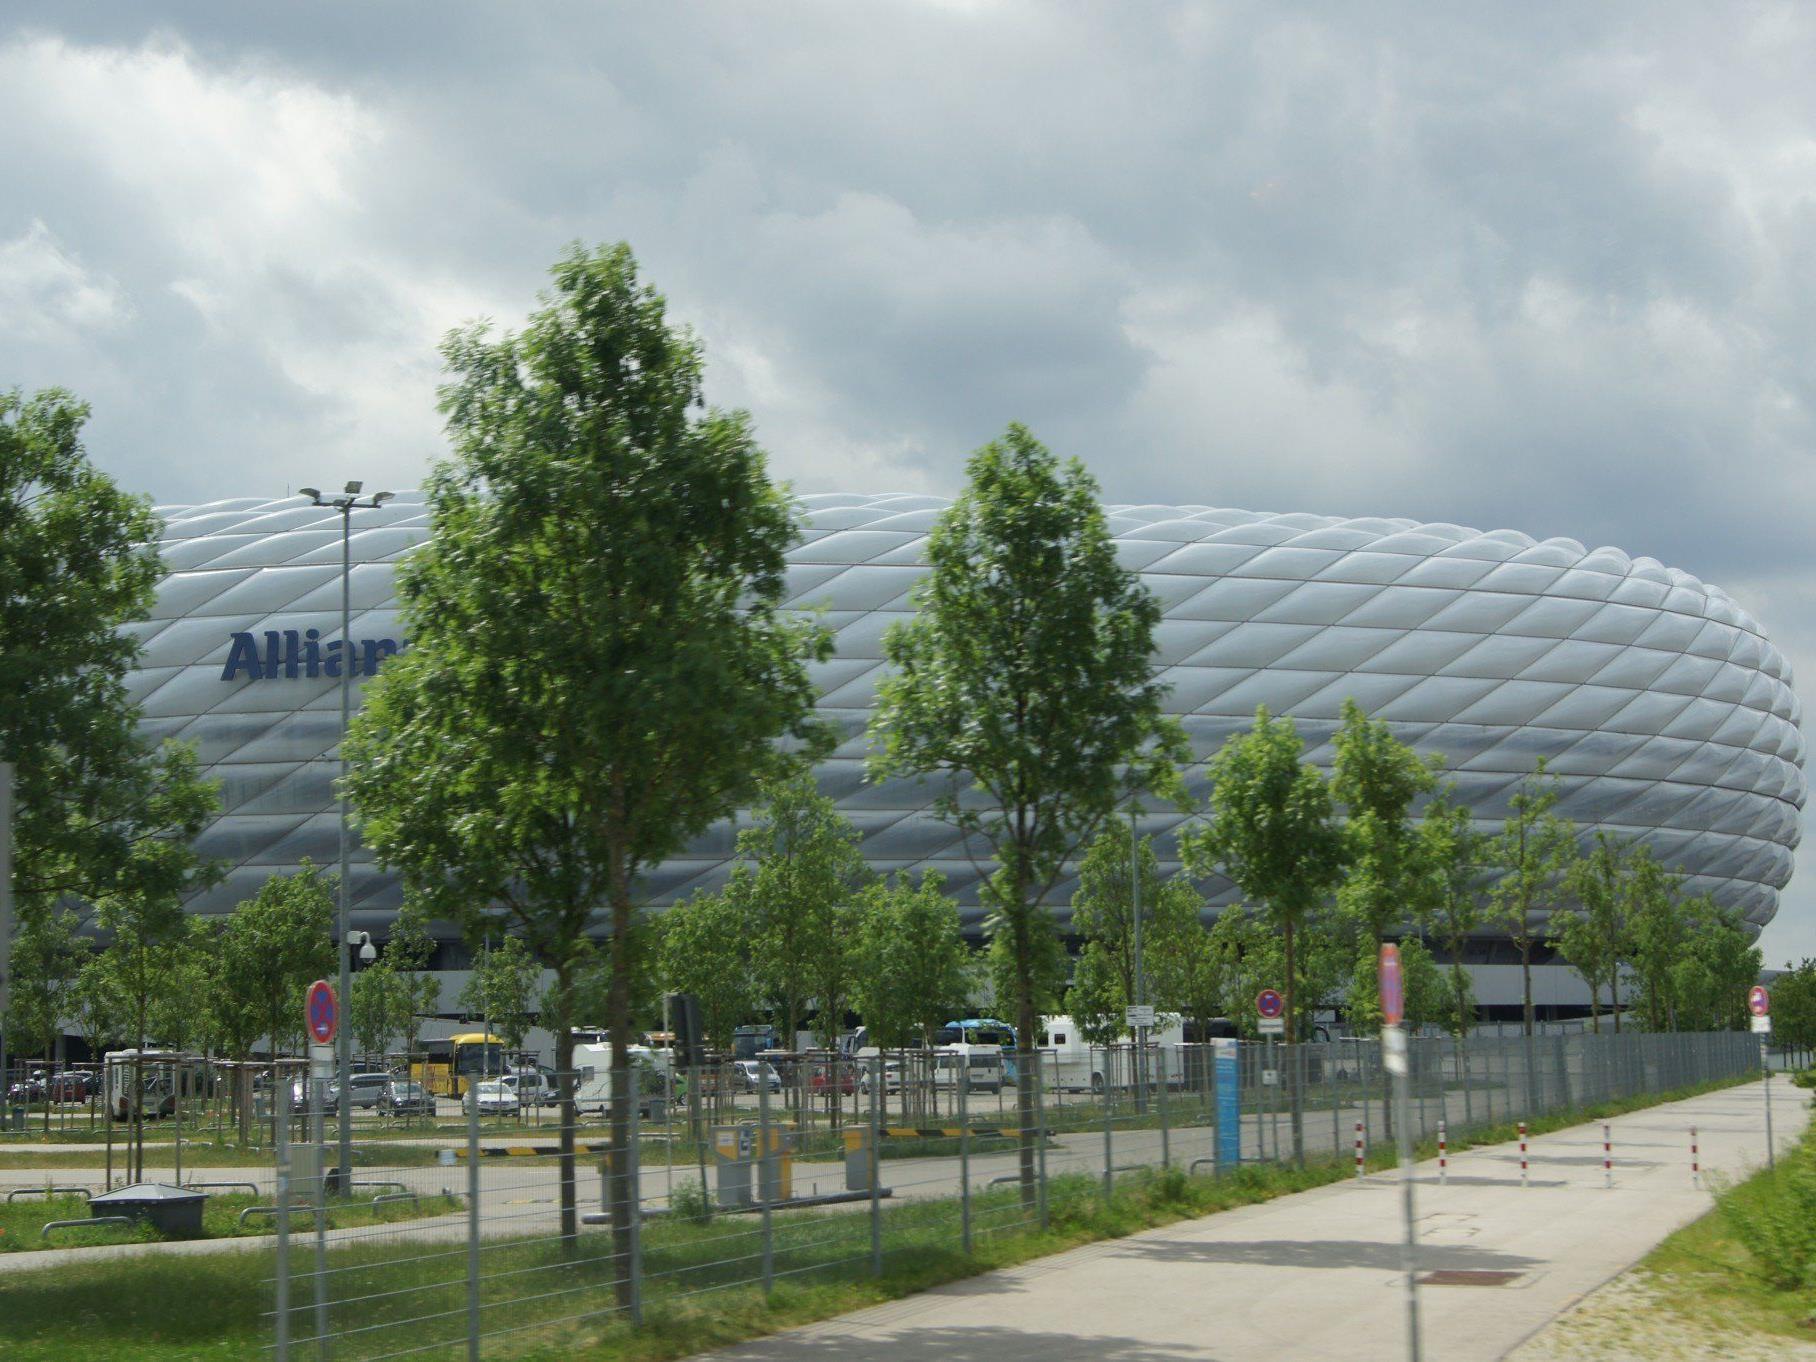 In der Allianzarena angekommen, gab es eine ca. einstündige interessante Stadionführung.